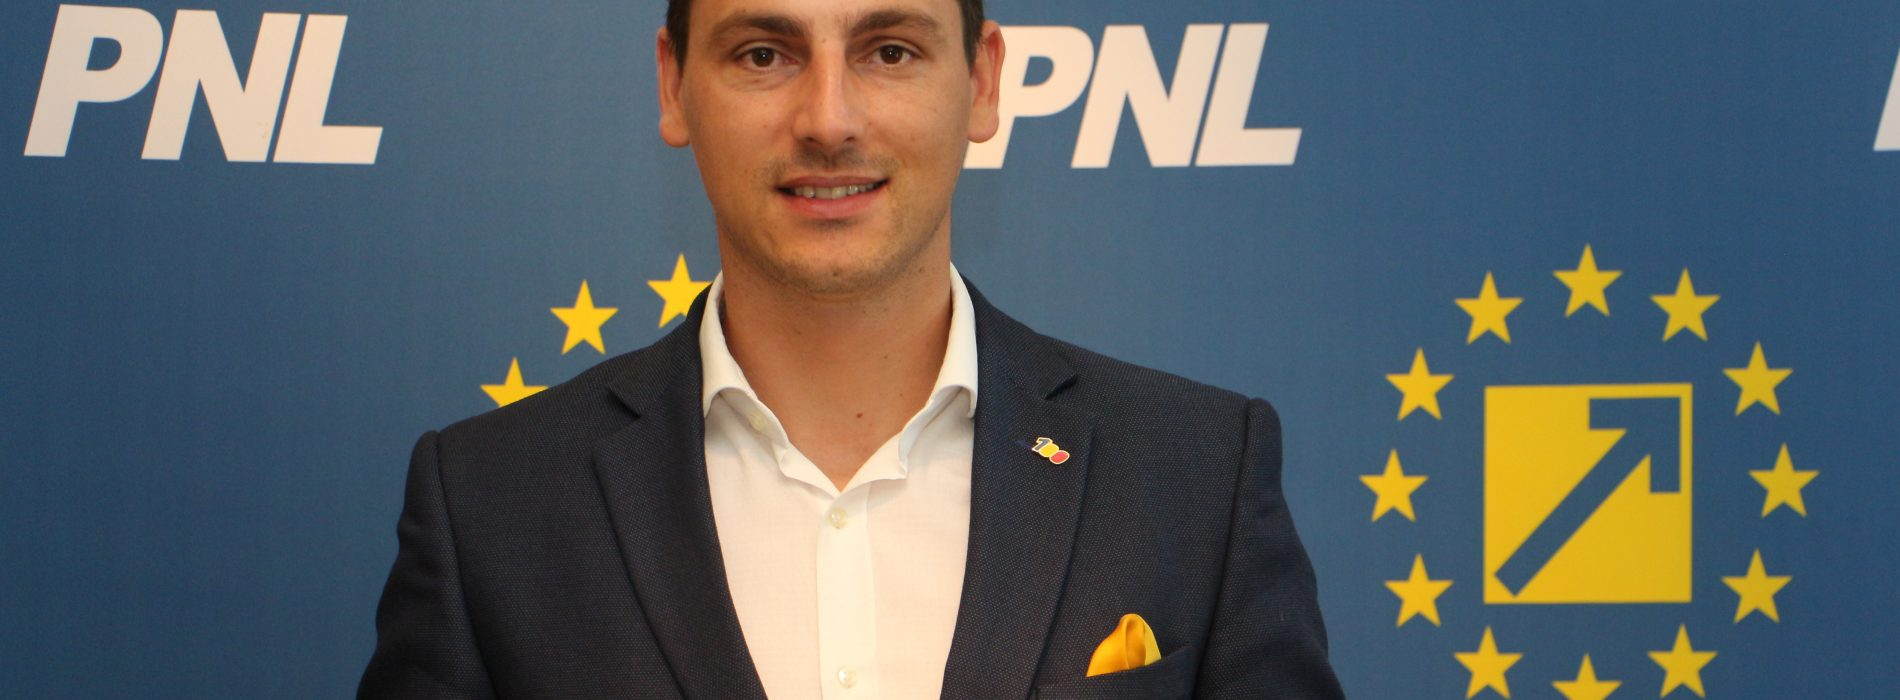 """Ionel Bogdan (PNL): """"PSD vrea să rămână în istorie ca partidul gogoșilor, minciunilor și scandalurilor pentru putere și bani"""""""